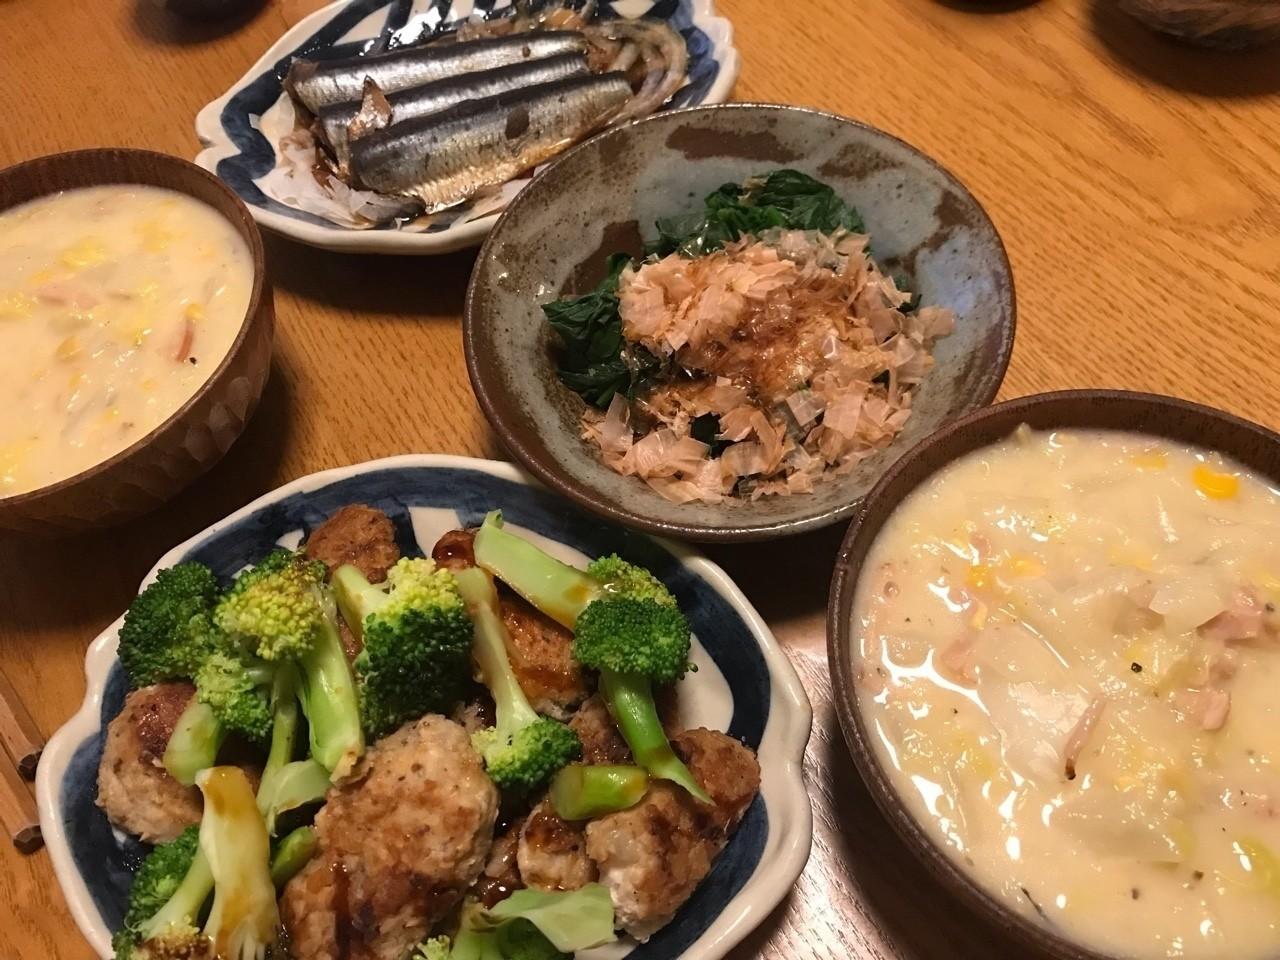 白菜コーンスープとレンコンつみれ、鰯の煮たのとほうれん草ポン酢の晩ごはん(◯▽◯)/